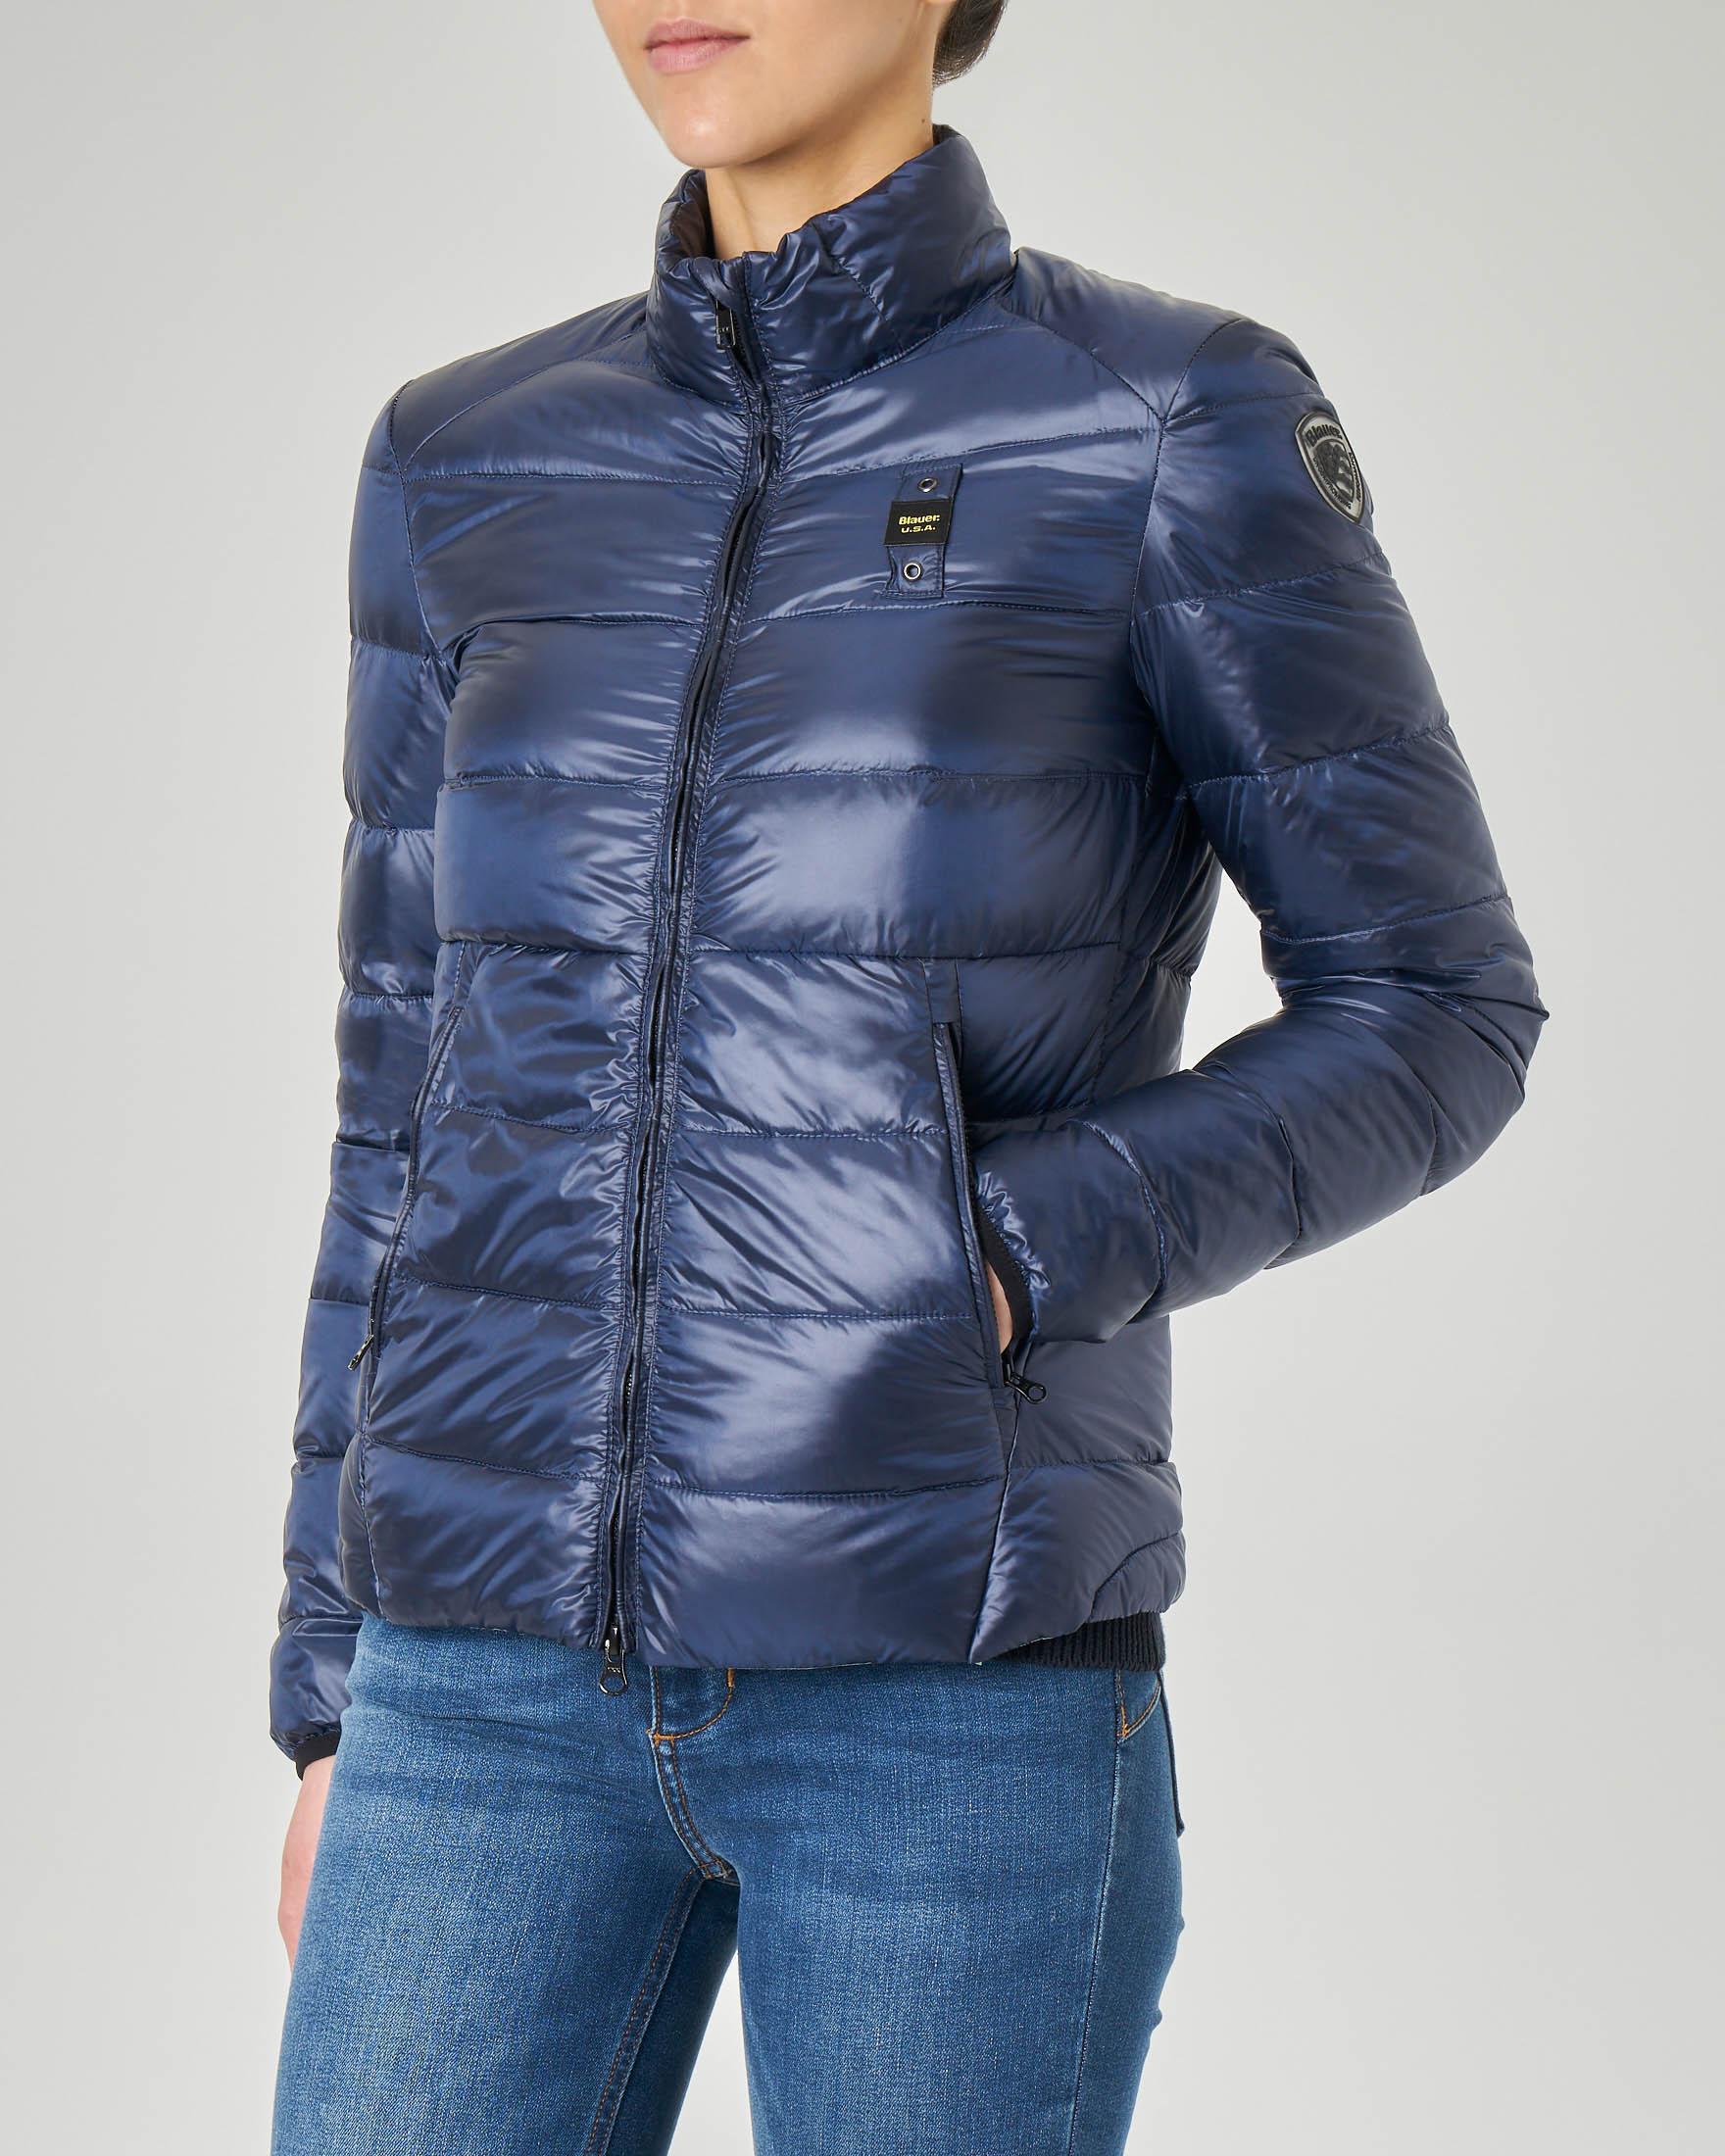 Piumino leggero blu con imbottitura orizzontale e collo alto